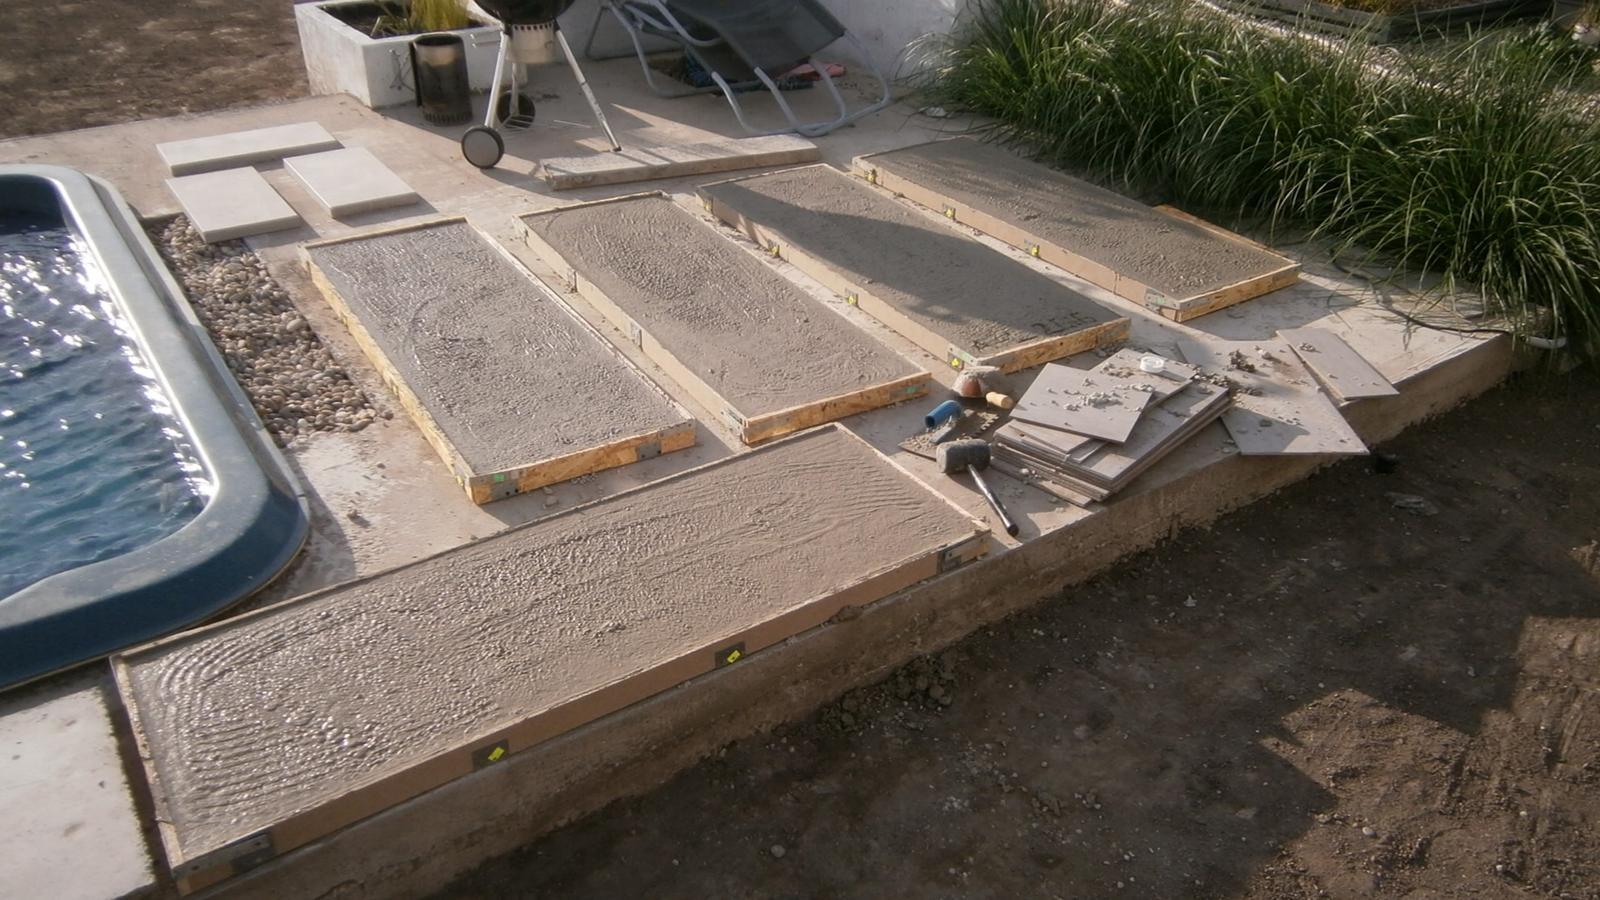 Modern Garden Linear324 - naša prímorská - kedze som nikde nezohnal zahradne slapaky, trebalo ich vyrobit... 60x160